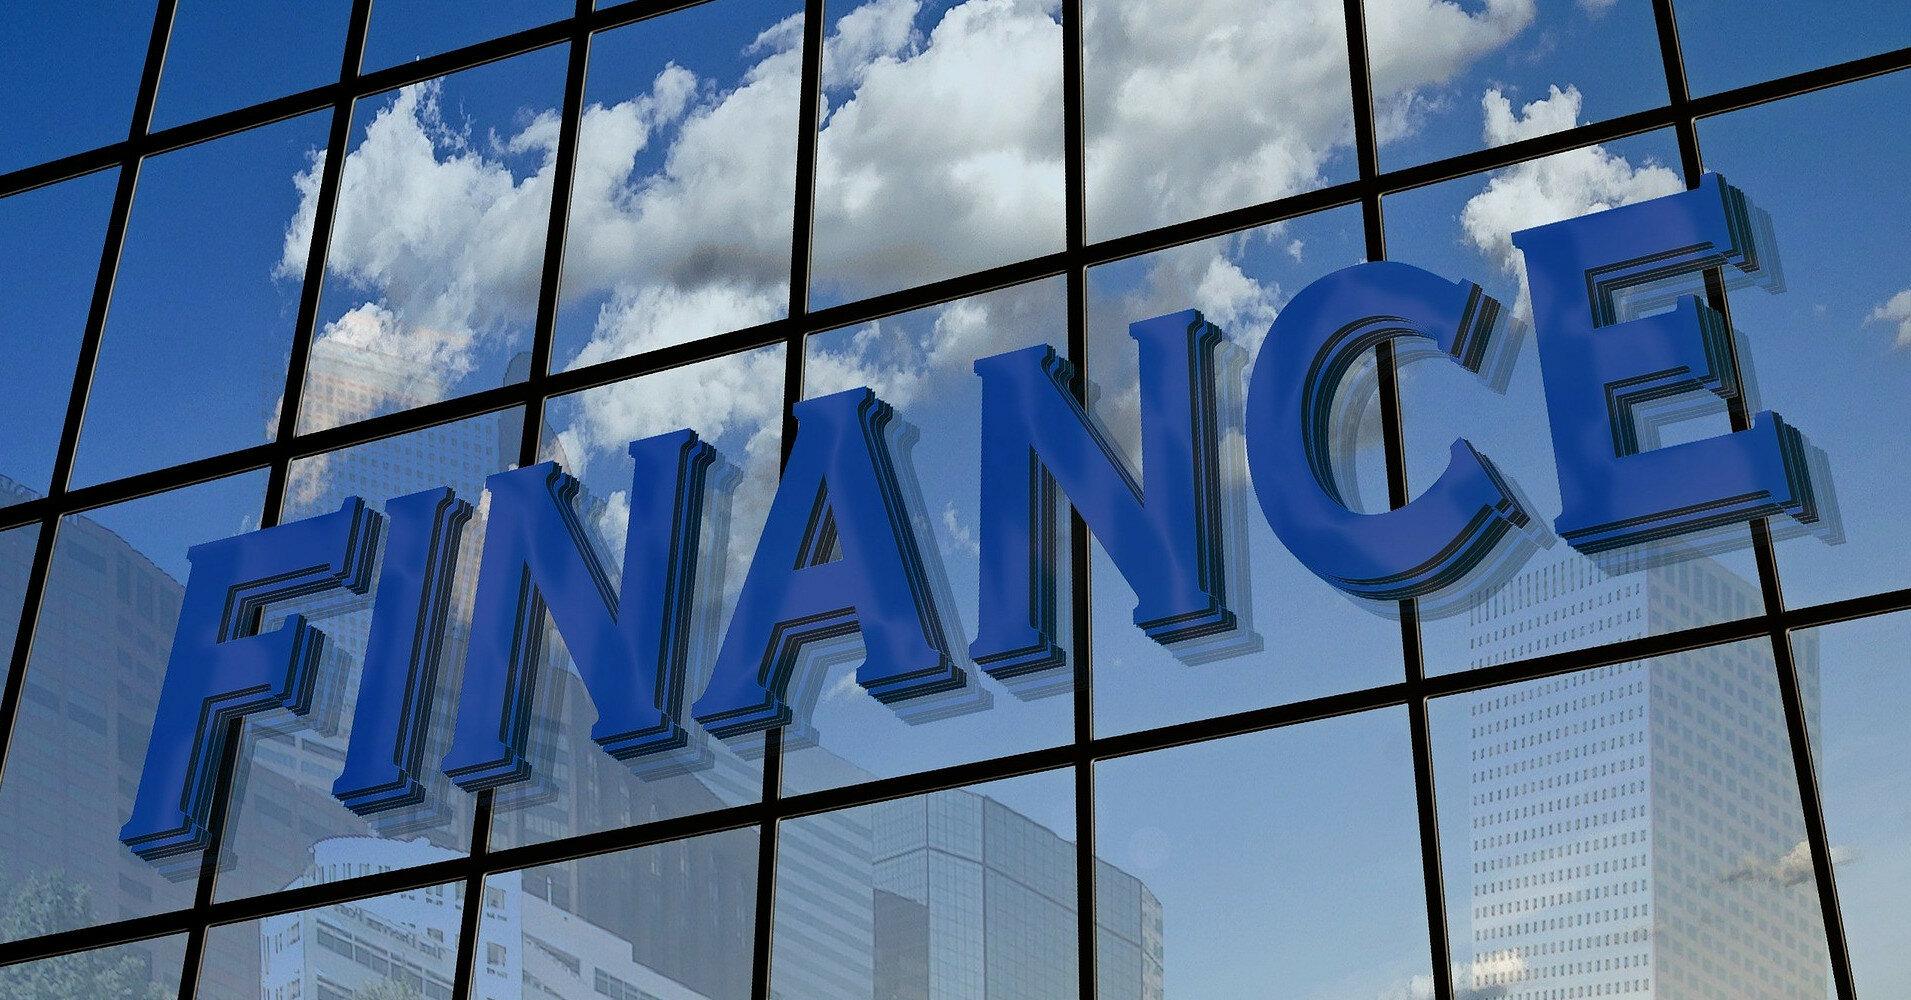 Нацкомиссия обнаружила 6 новых мошеннических инвестиционных проектов